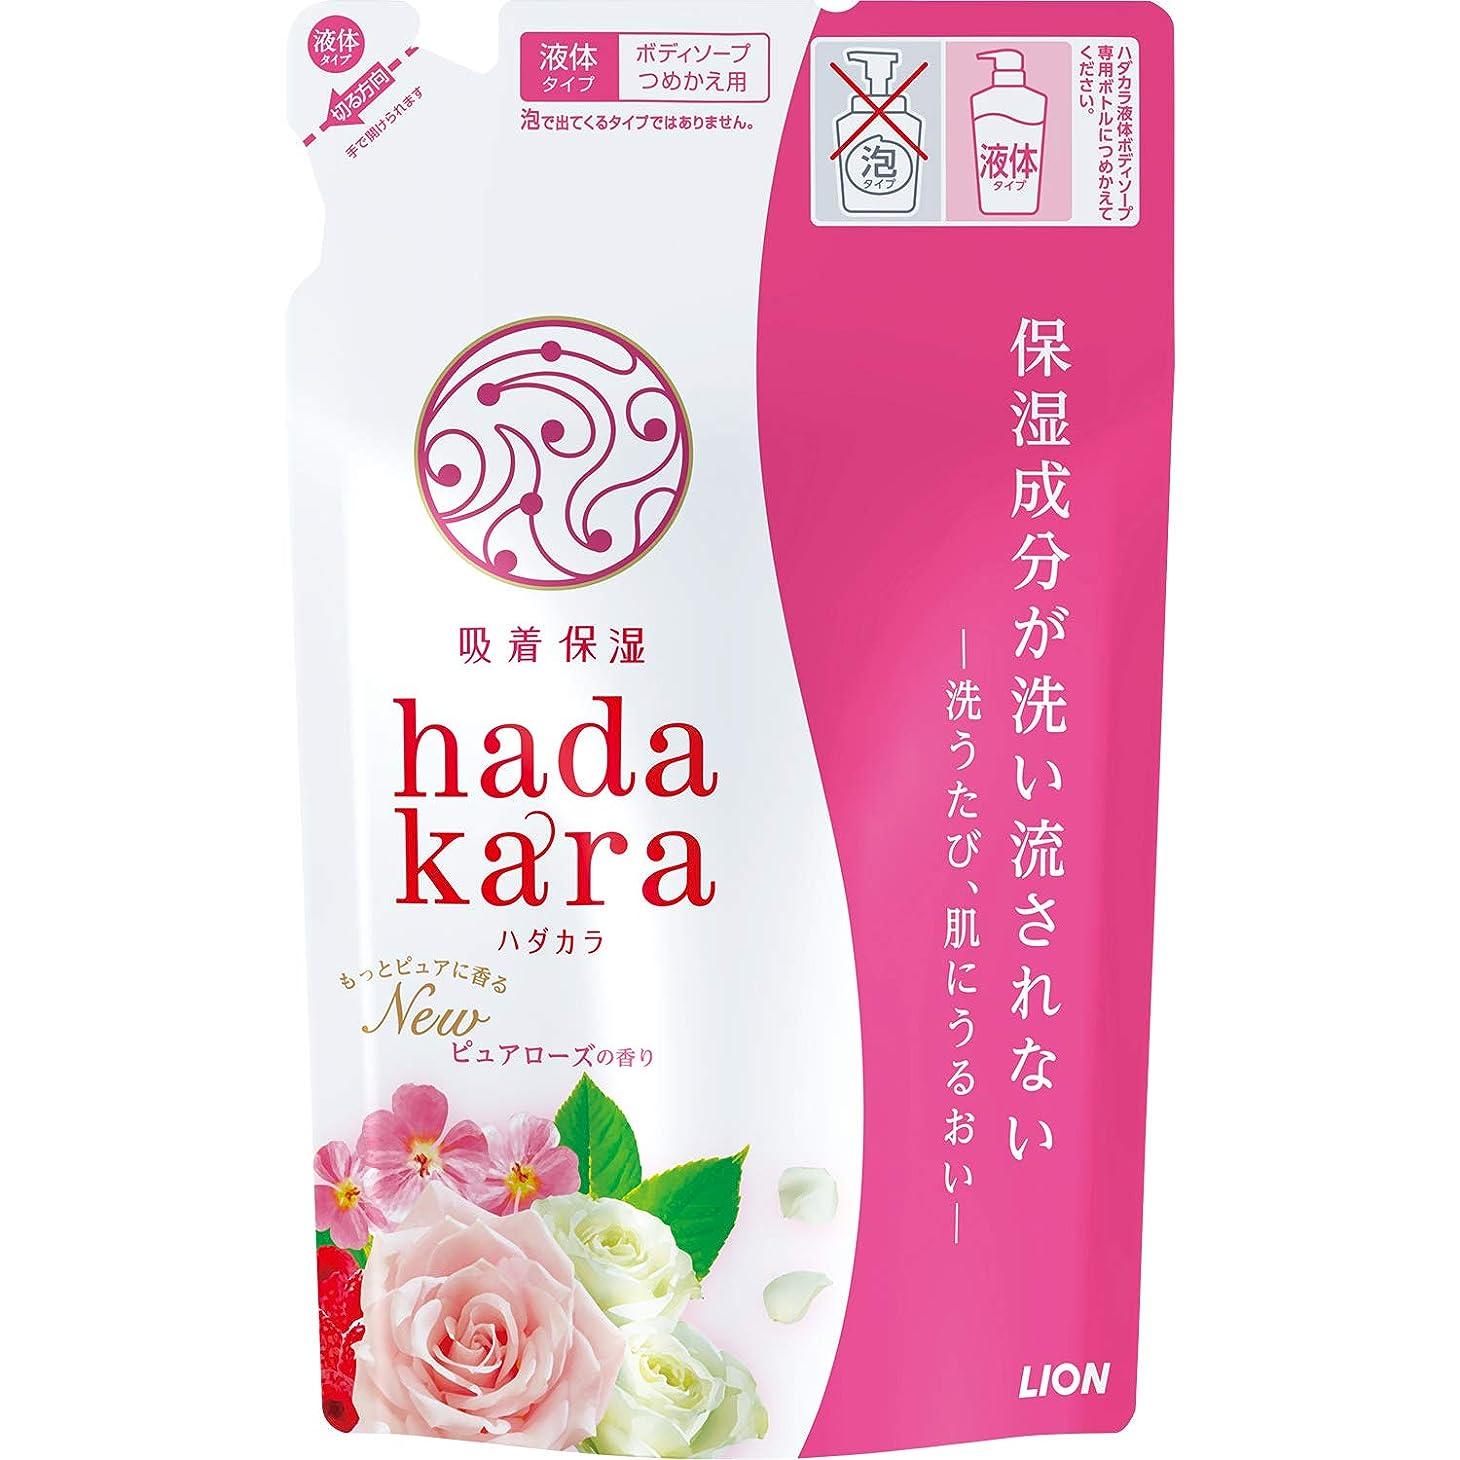 熟練した屈辱する弾薬hadakara(ハダカラ) ボディソープ ピュアローズの香り 詰め替え 360ml